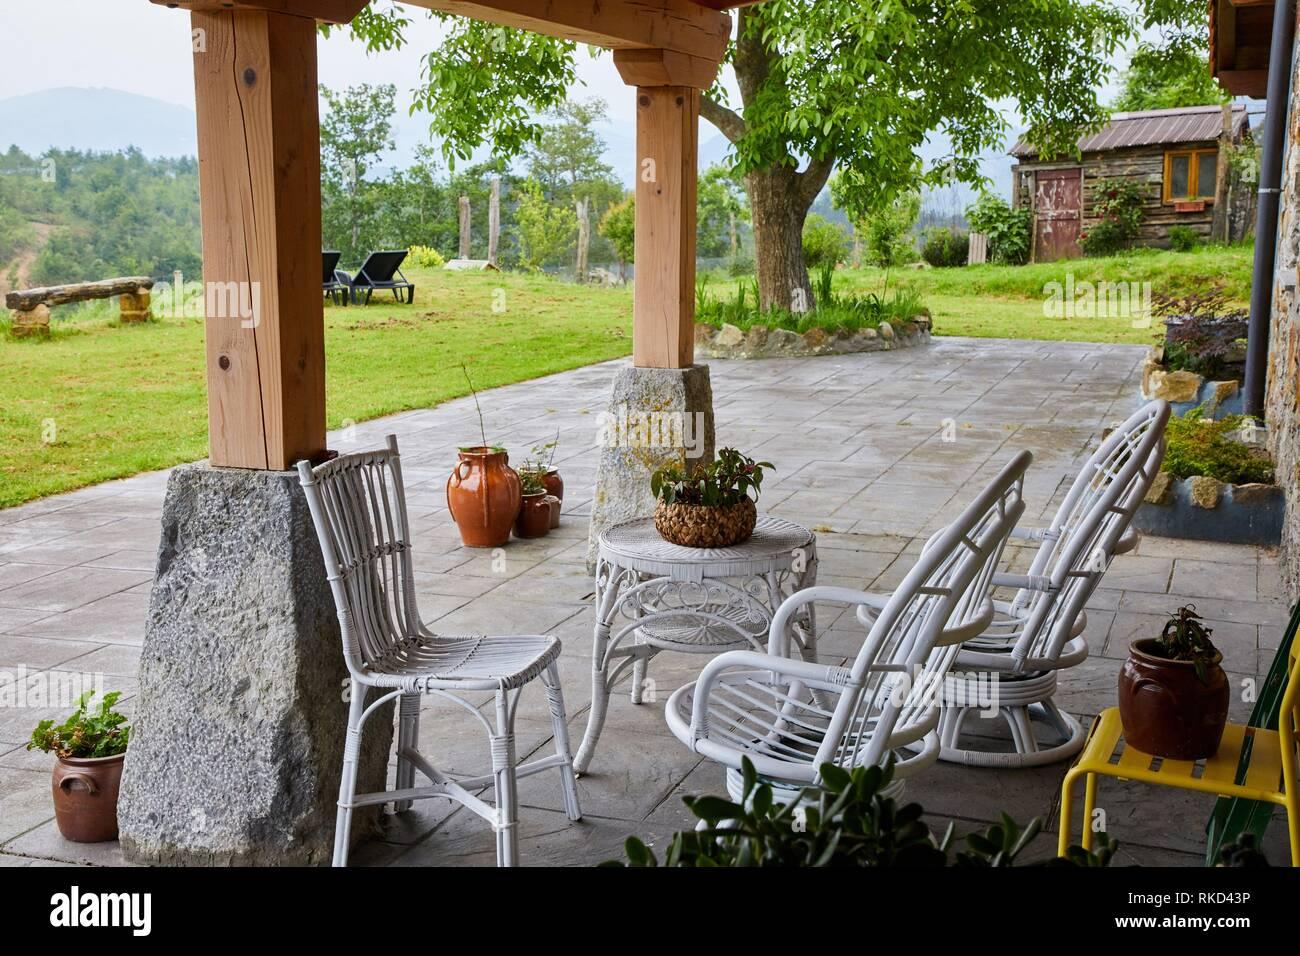 Porch, Rural apartment, Deba, Gipuzkoa, Basque Country, Spain, Europe - Stock Image